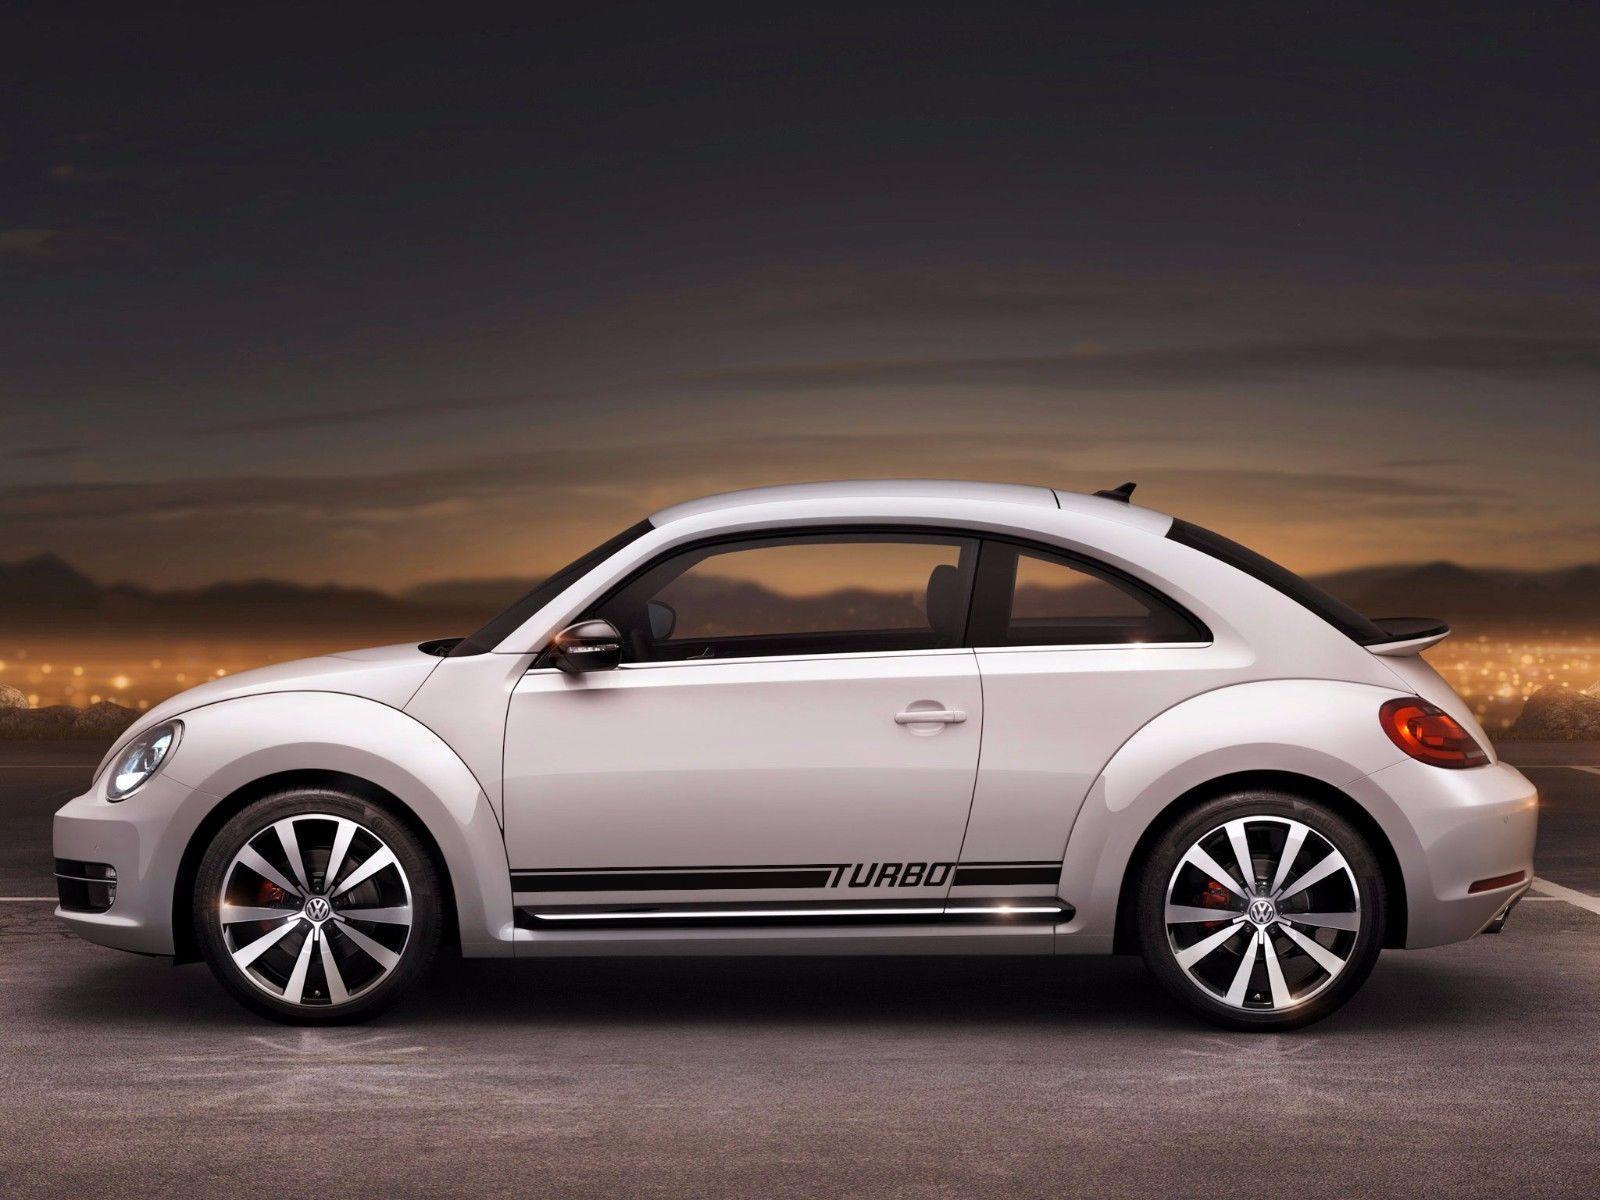 Volkswagen Beetle 2011 2018 Turbo Rocker Stripe Graphics Decals In 2021 Volkswagen Beetle Volkswagen Beetle 2012